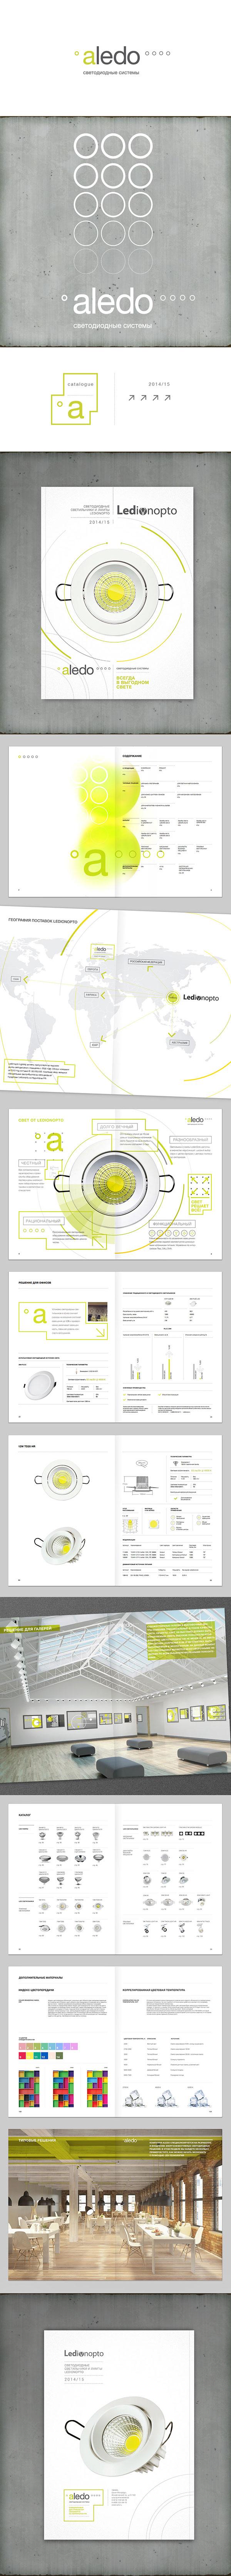 aledo lightnig solutions lightning ledionopto Catalogue publishing   InDesign print light led